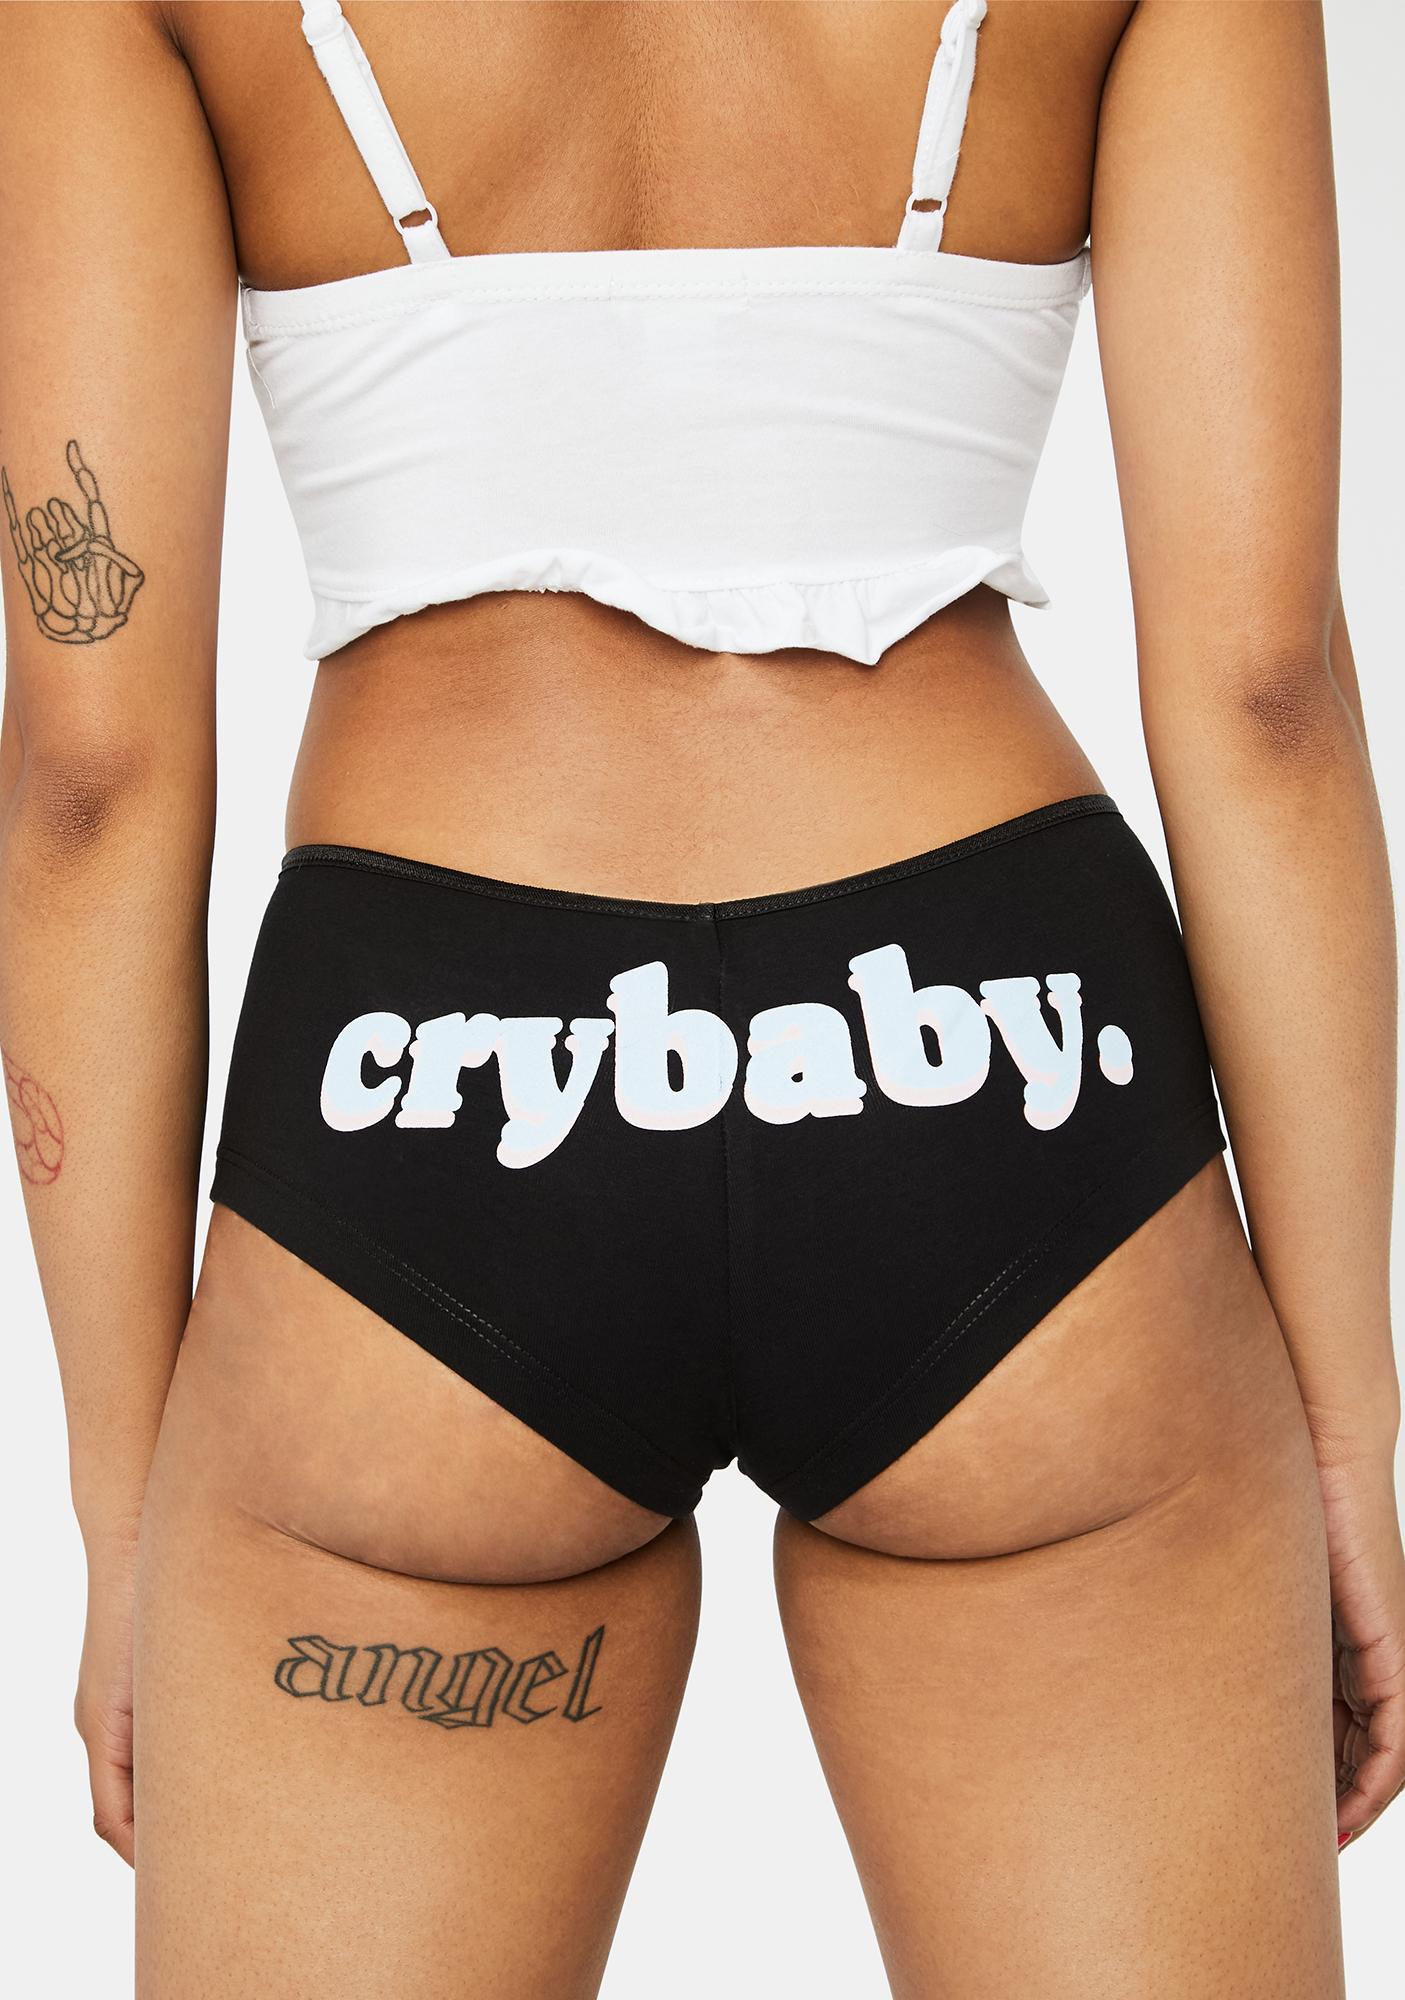 Femfetti Cry Baby Boy Shorts Undies